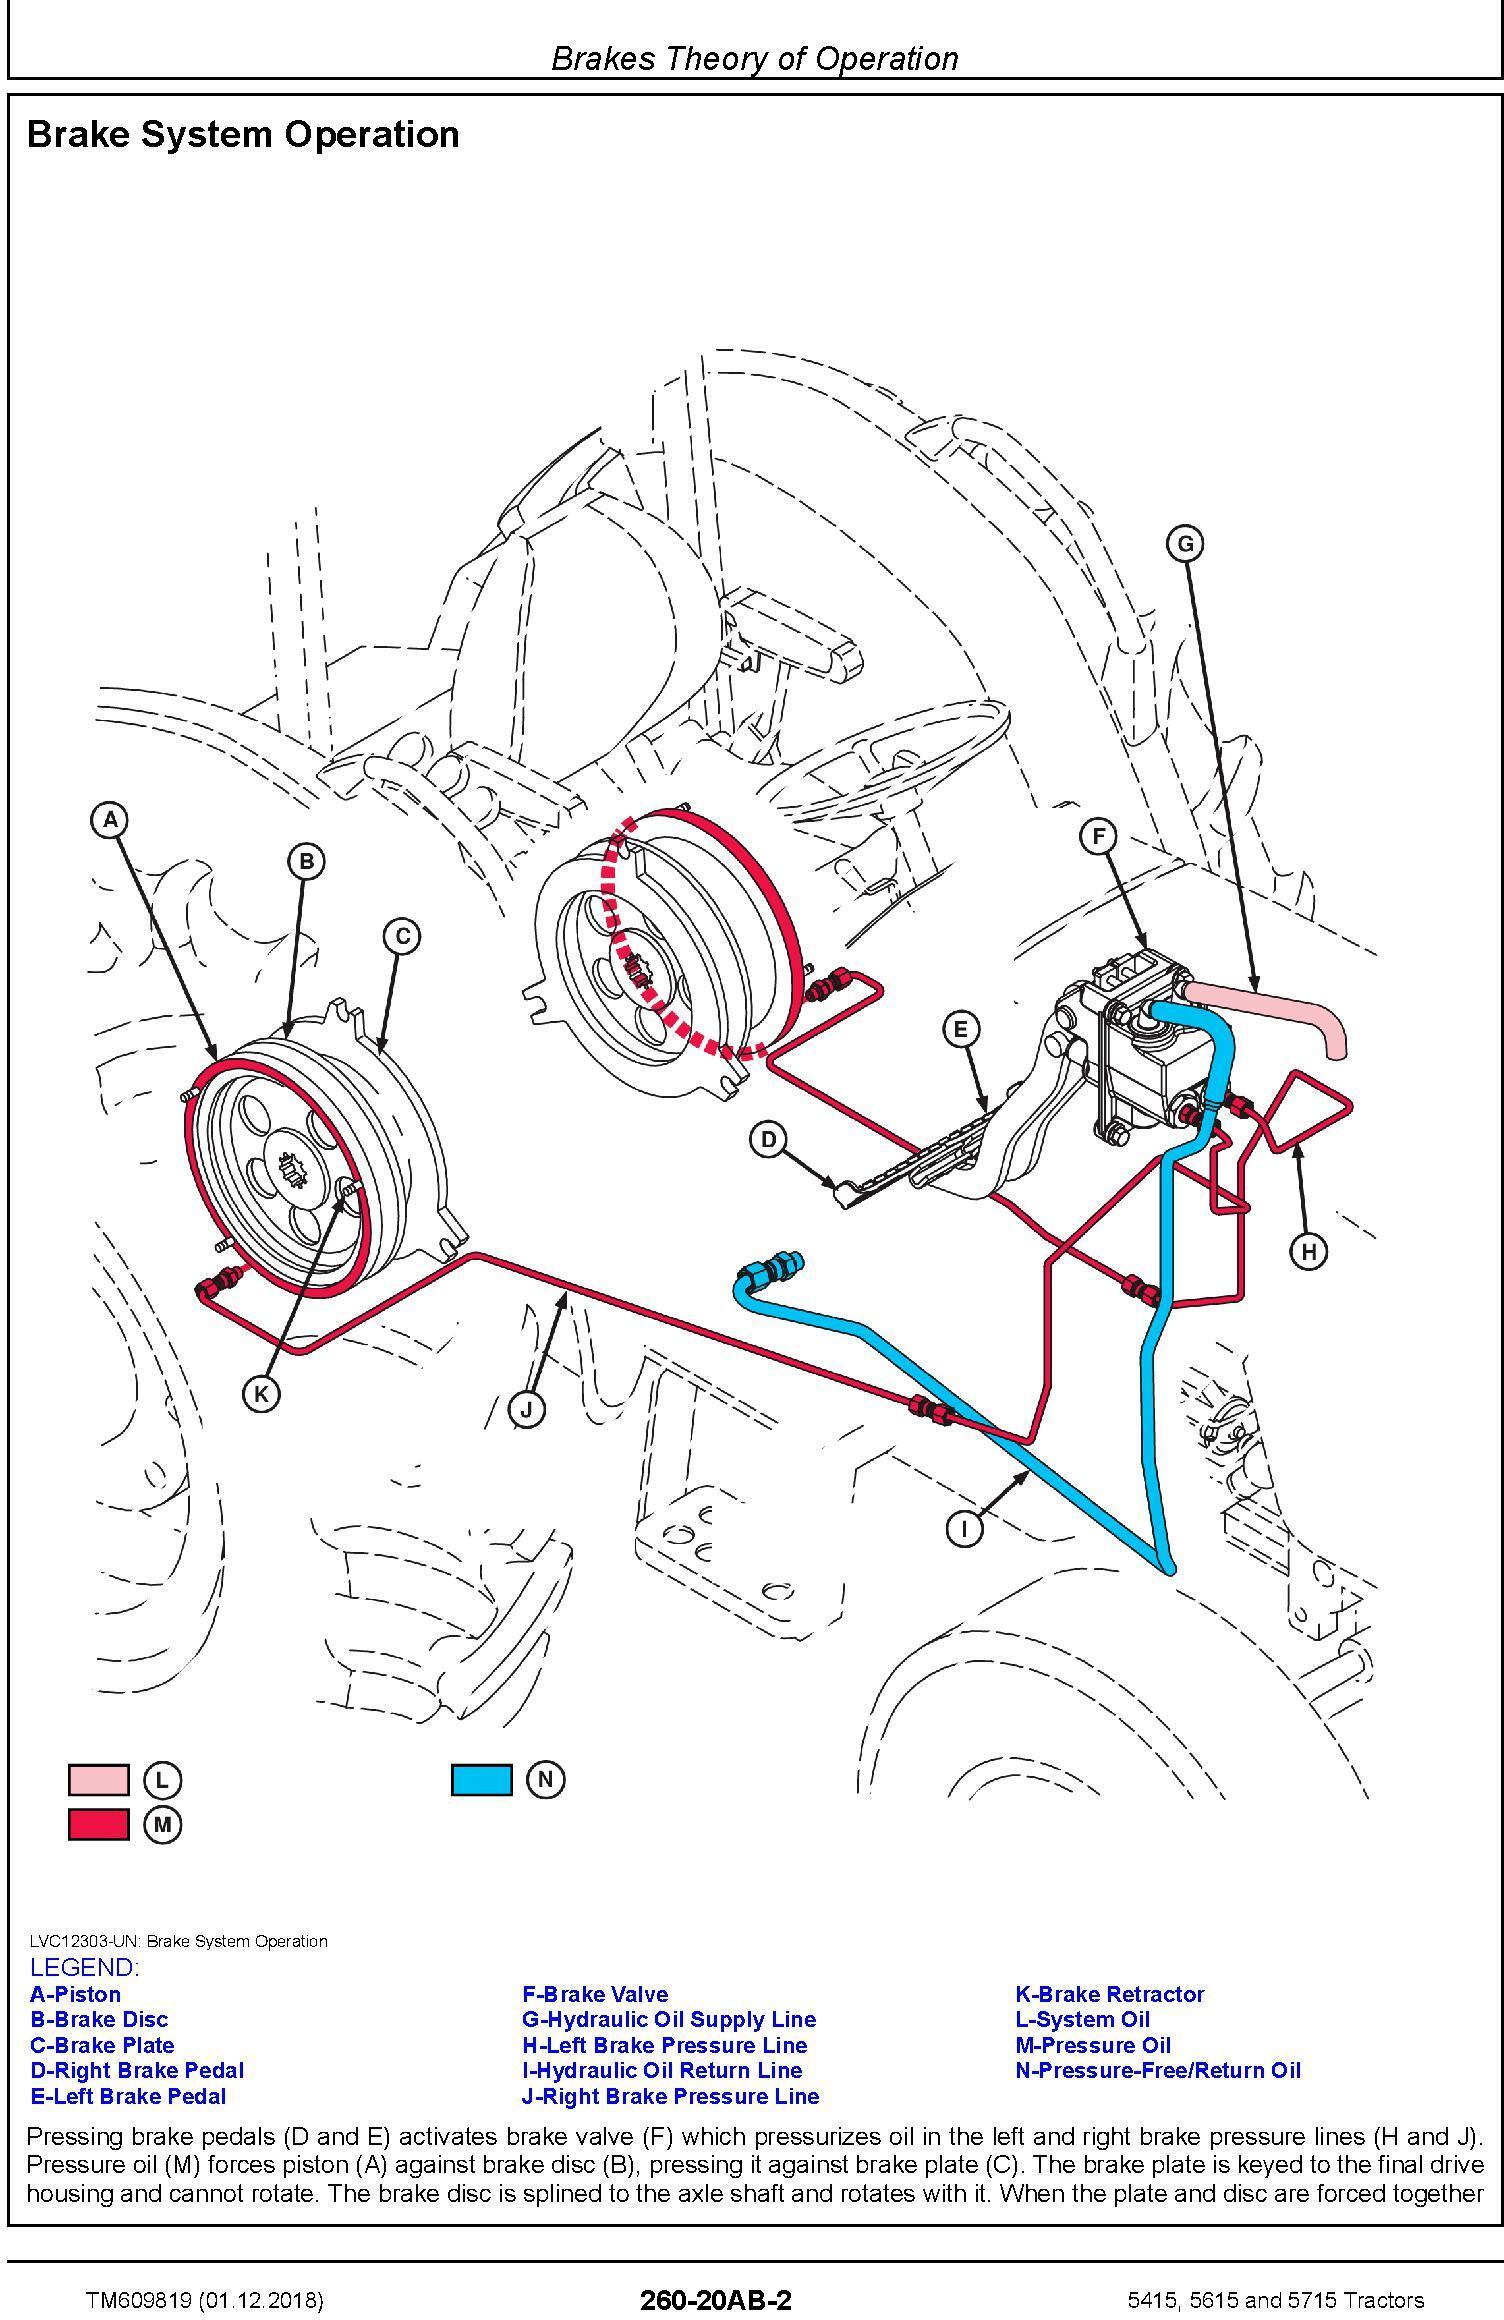 John Deere 5415, 5615 and 5715 Tractors Diagnostic Technical Service Manual (TM609819) - 2